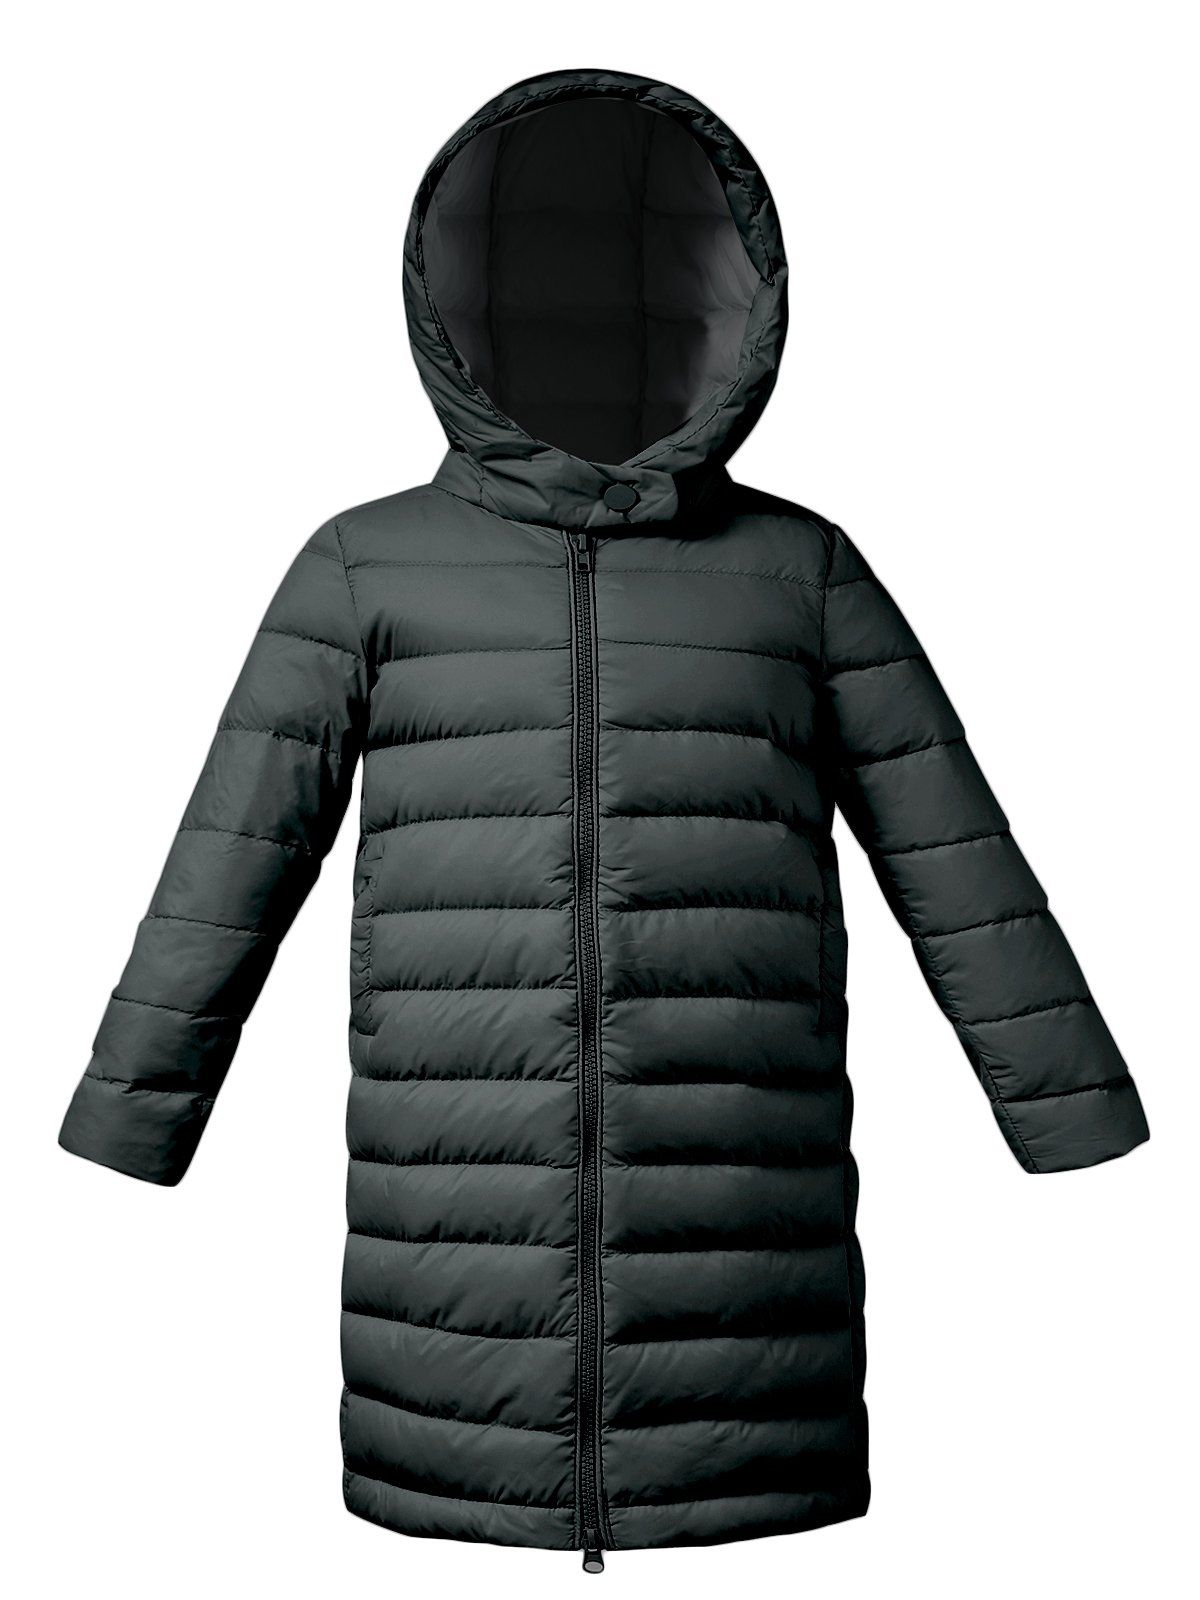 Zando Boys Kids Packable Outwear Ultra Light Down Jacket Long Sleeves Warm Padded Hooded Puffer Coat Black 6 6x High Qualit Puffer Coat Black Coat Down Jacket [ 1600 x 1200 Pixel ]